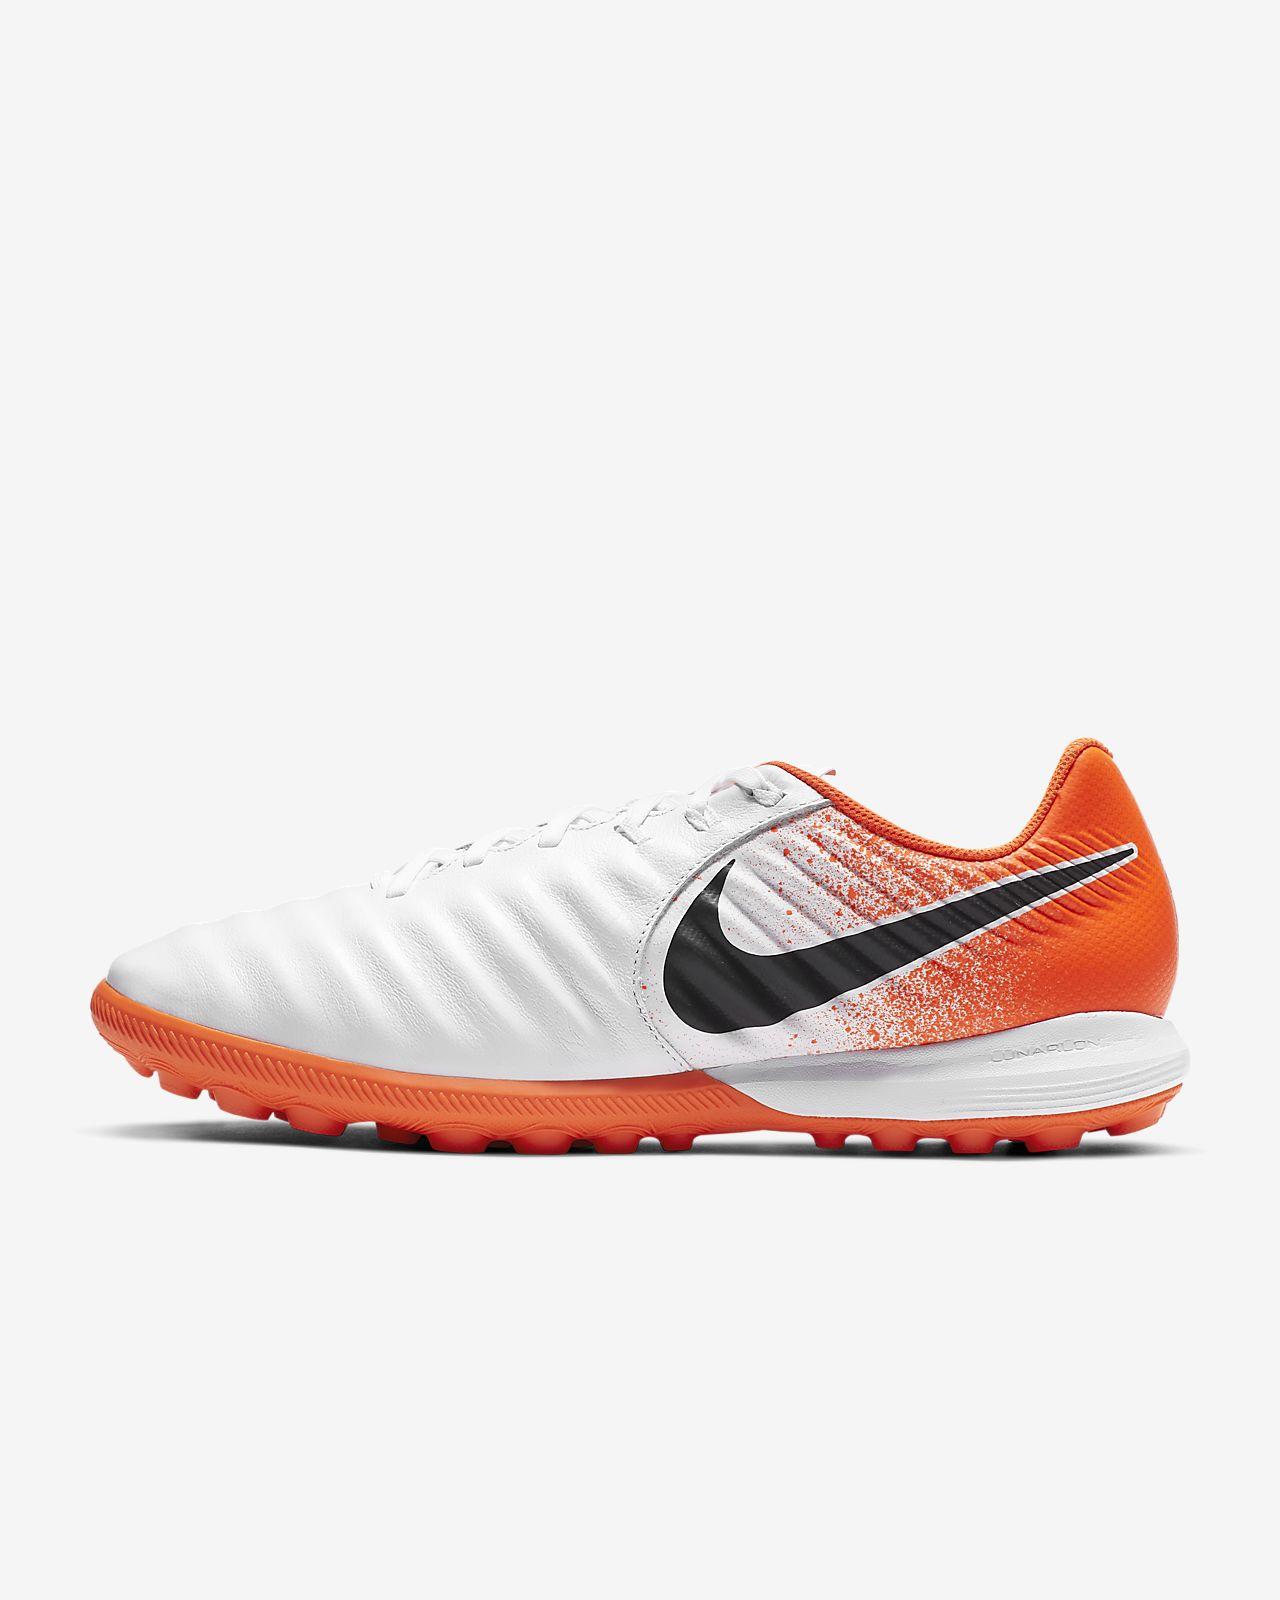 outlet store 5d8fd b18ac ... Chaussure de football à crampons pour terrain synthétique Nike TiempoX  Lunar Legend VII Pro